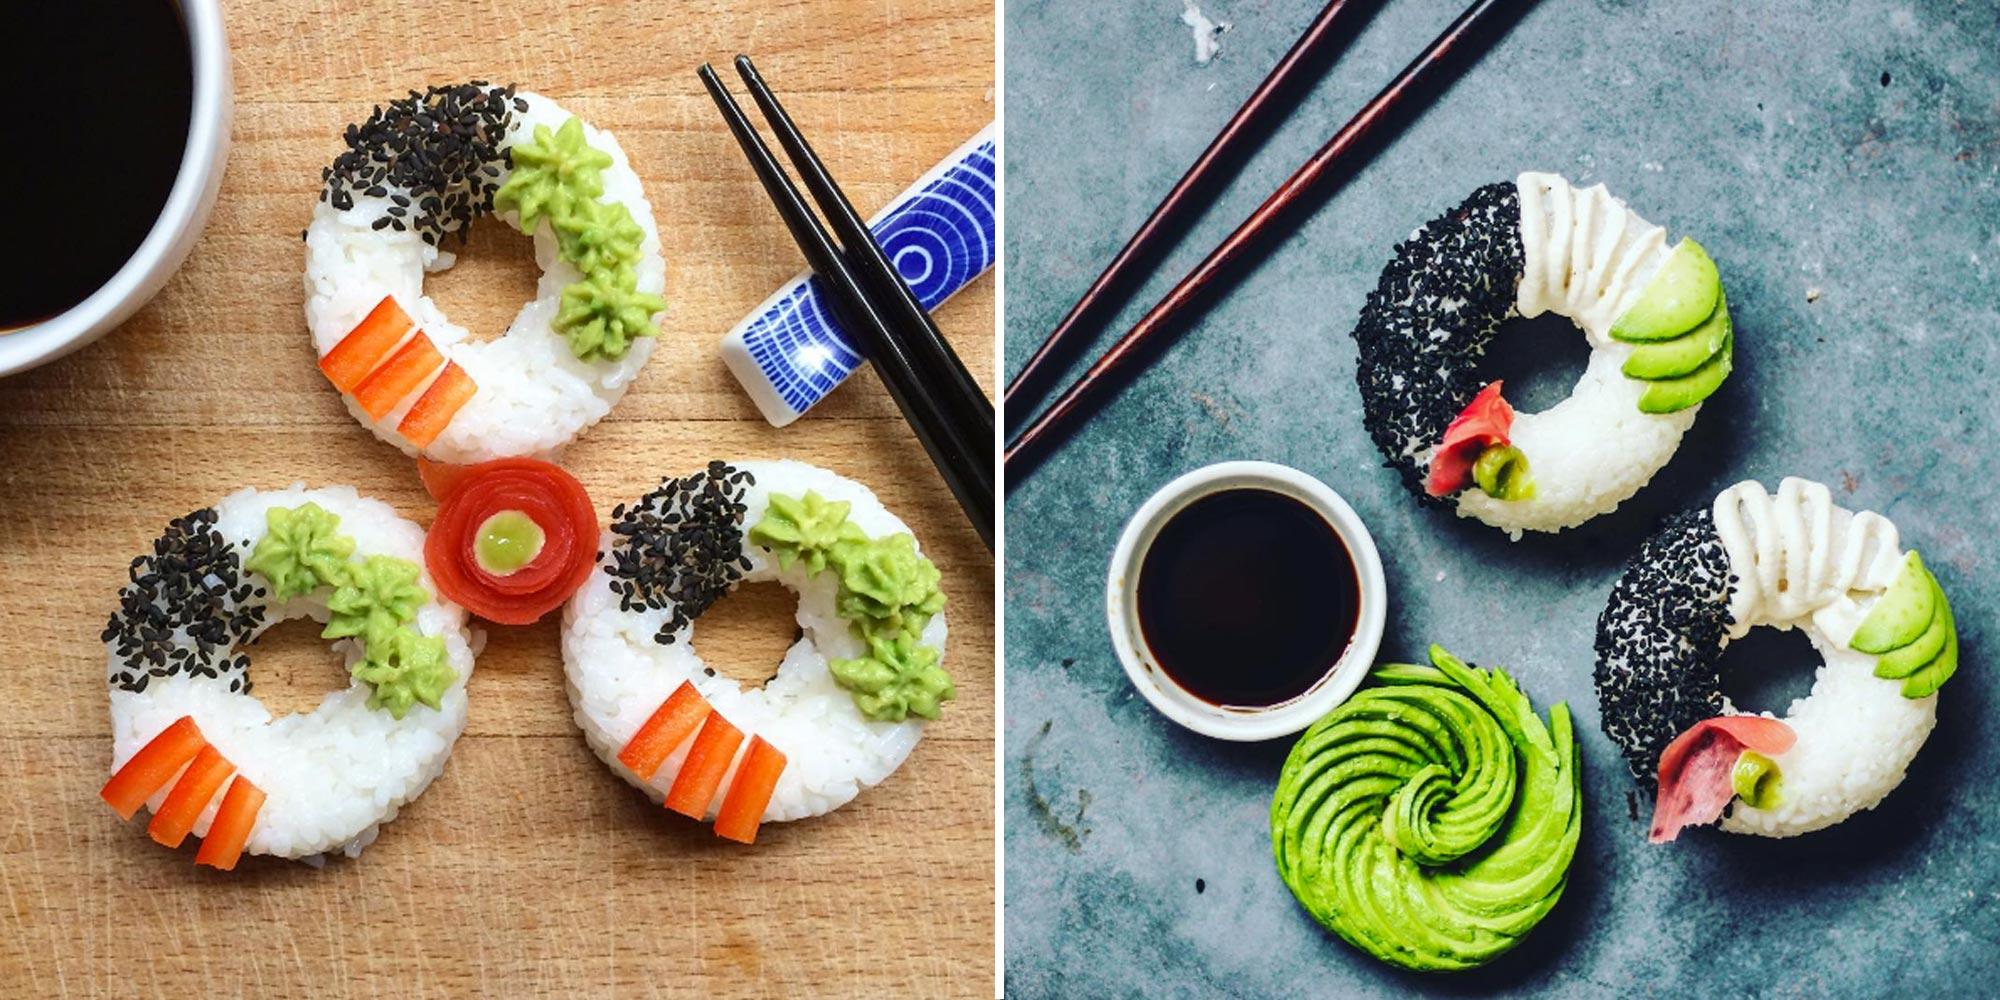 Sushi/Donut